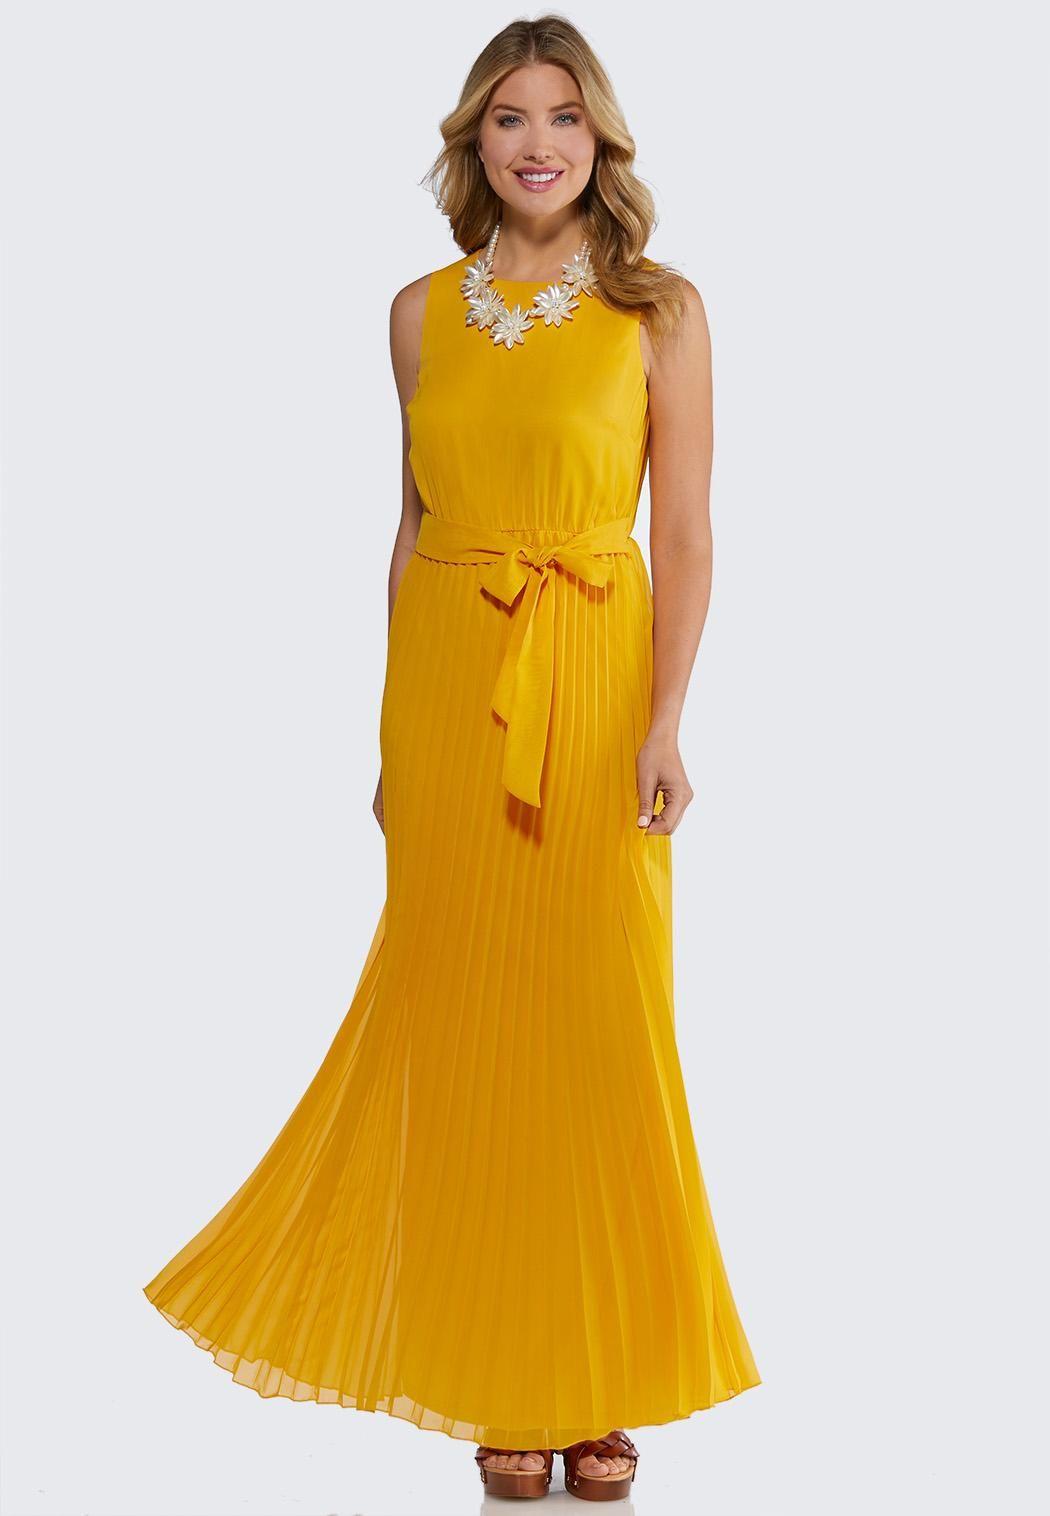 Plus Petite Pleated Maxi Dress Maxi Cato Fashions | Fashions ...